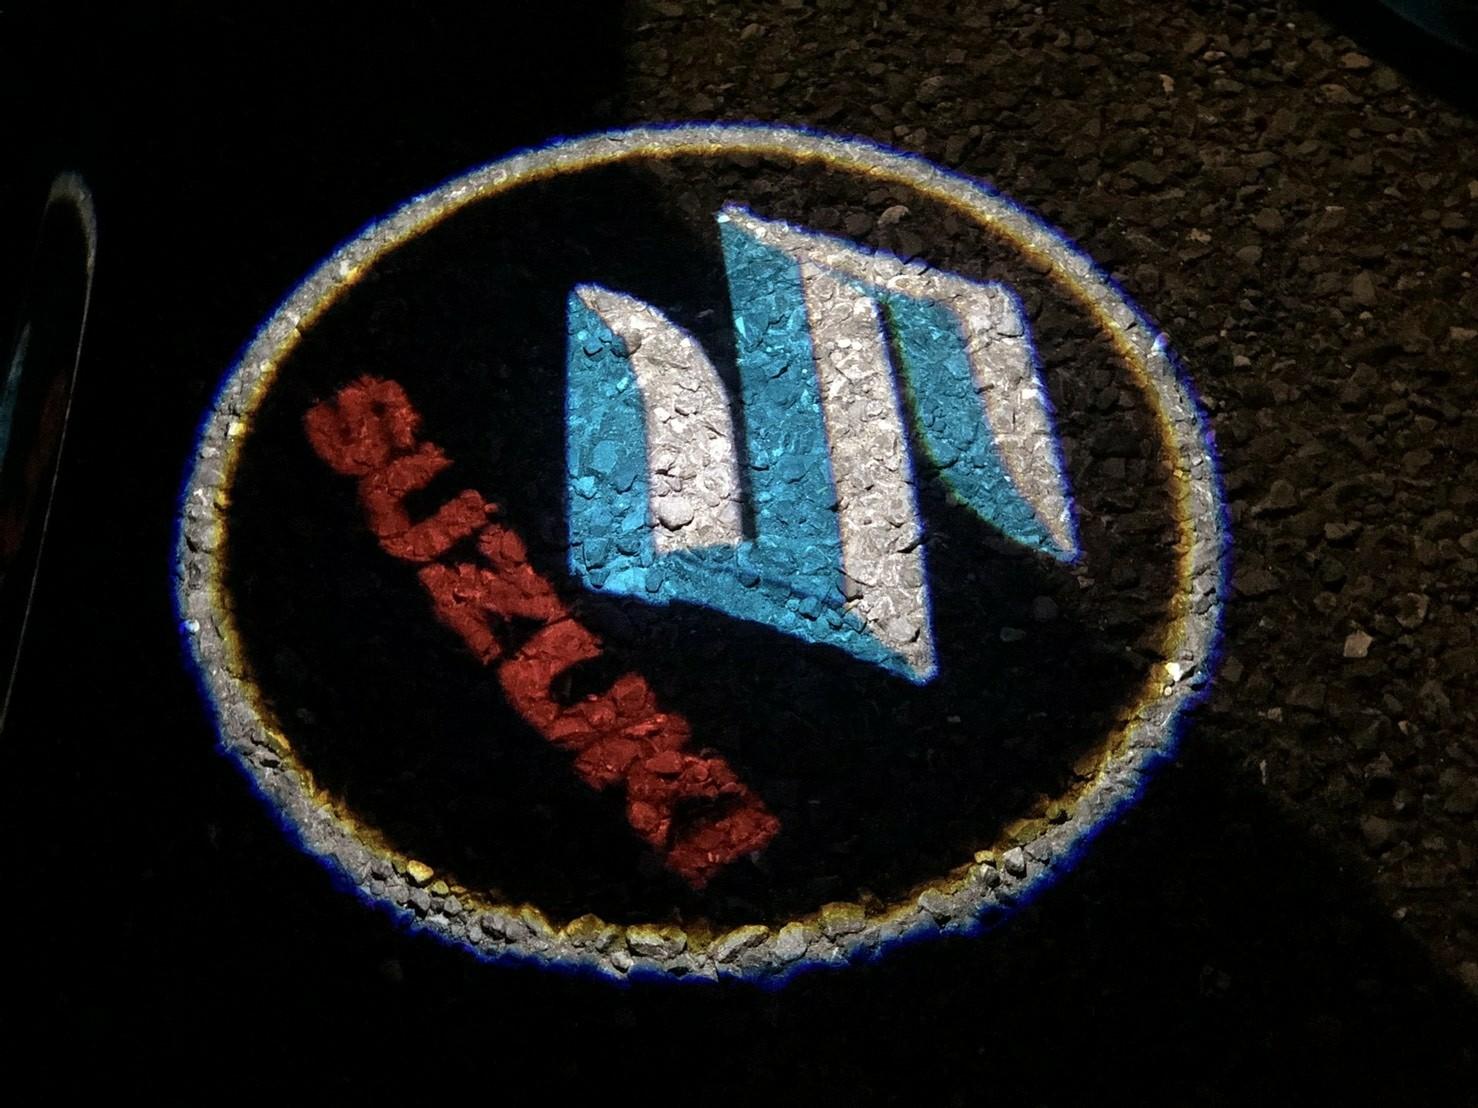 99 Carpro カーテシーランプ スズキ Suzuki ロゴ投影 ドアウェルカムライトLEDゴー 99 Carpro カーテシーランプ スズキ Suzuki ロゴ投影 ドアウェルカムライトLEDゴーストシャドーライト取り付け簡単 (2個セット)